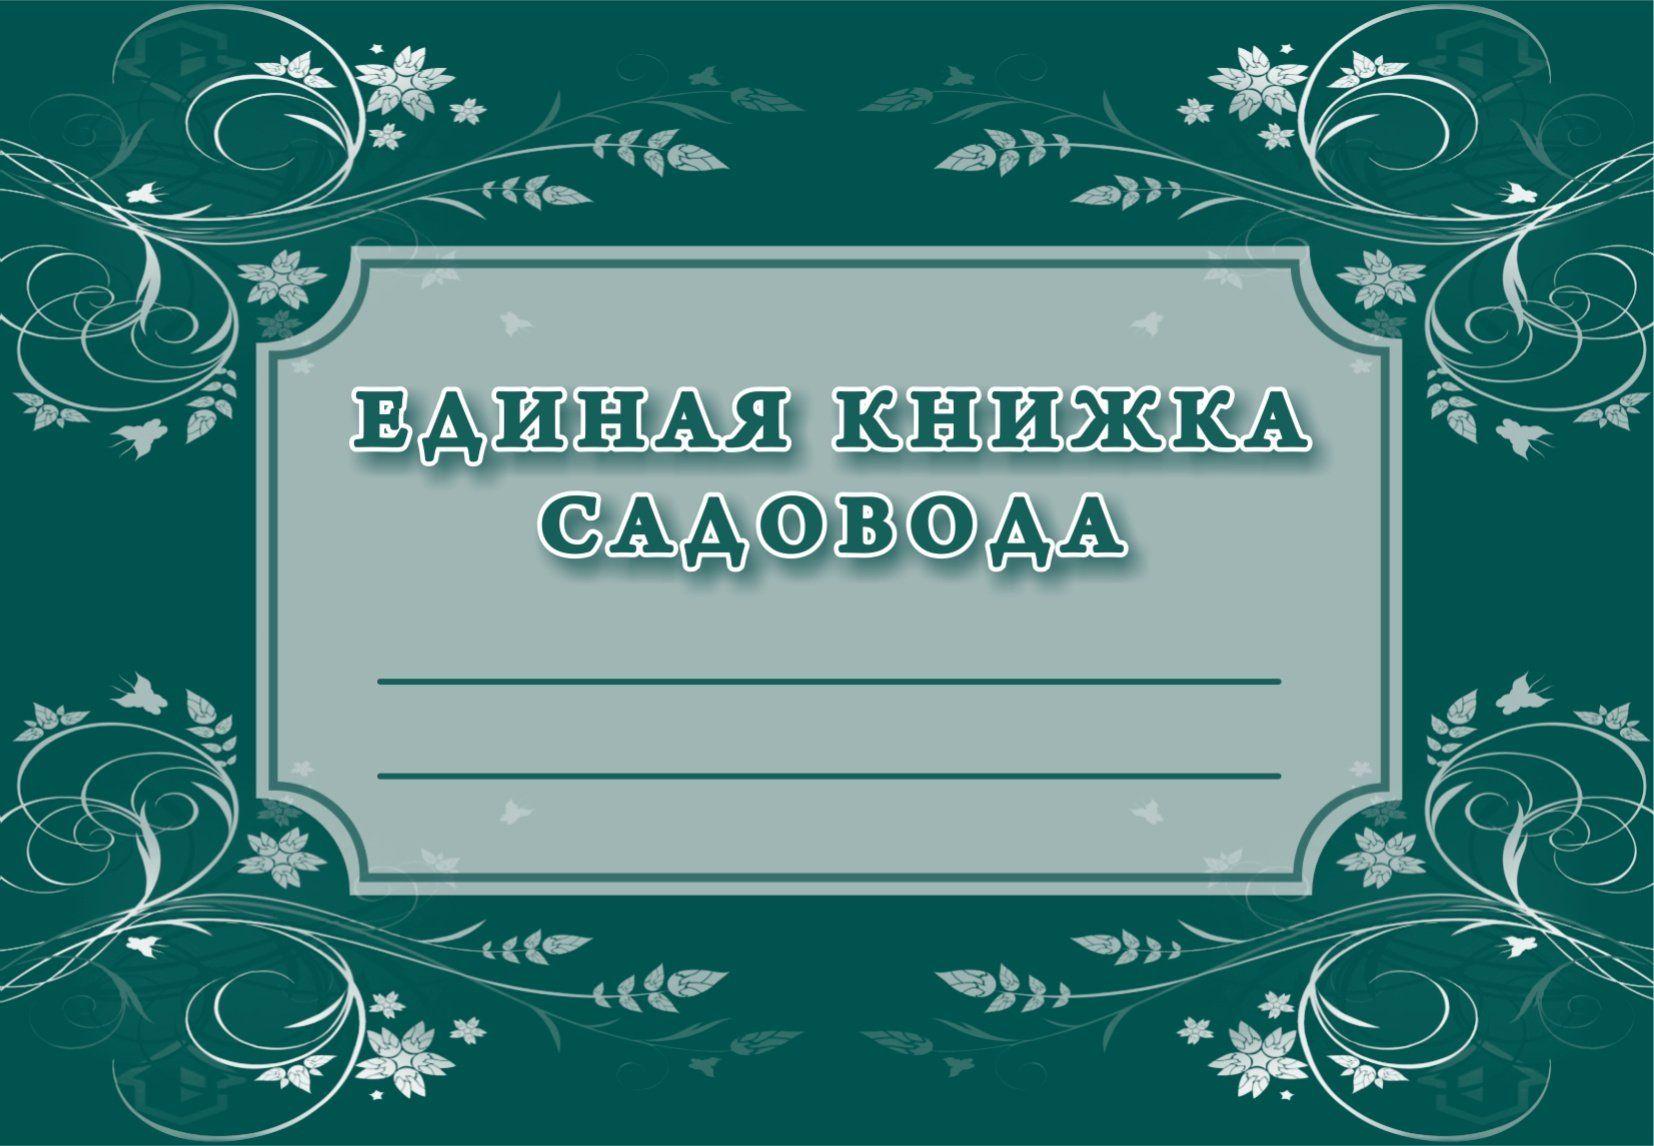 Единая книжка садоводаСад, огород<br>Материалы:на блок - бумага писчая, пл. 60.00;на обложку - картон мелованный, пл. 200.00.<br><br>Год: 2017<br>Высота: 97<br>Ширина: 140<br>Толщина: 1<br>Переплёт: мягкая, скрепка